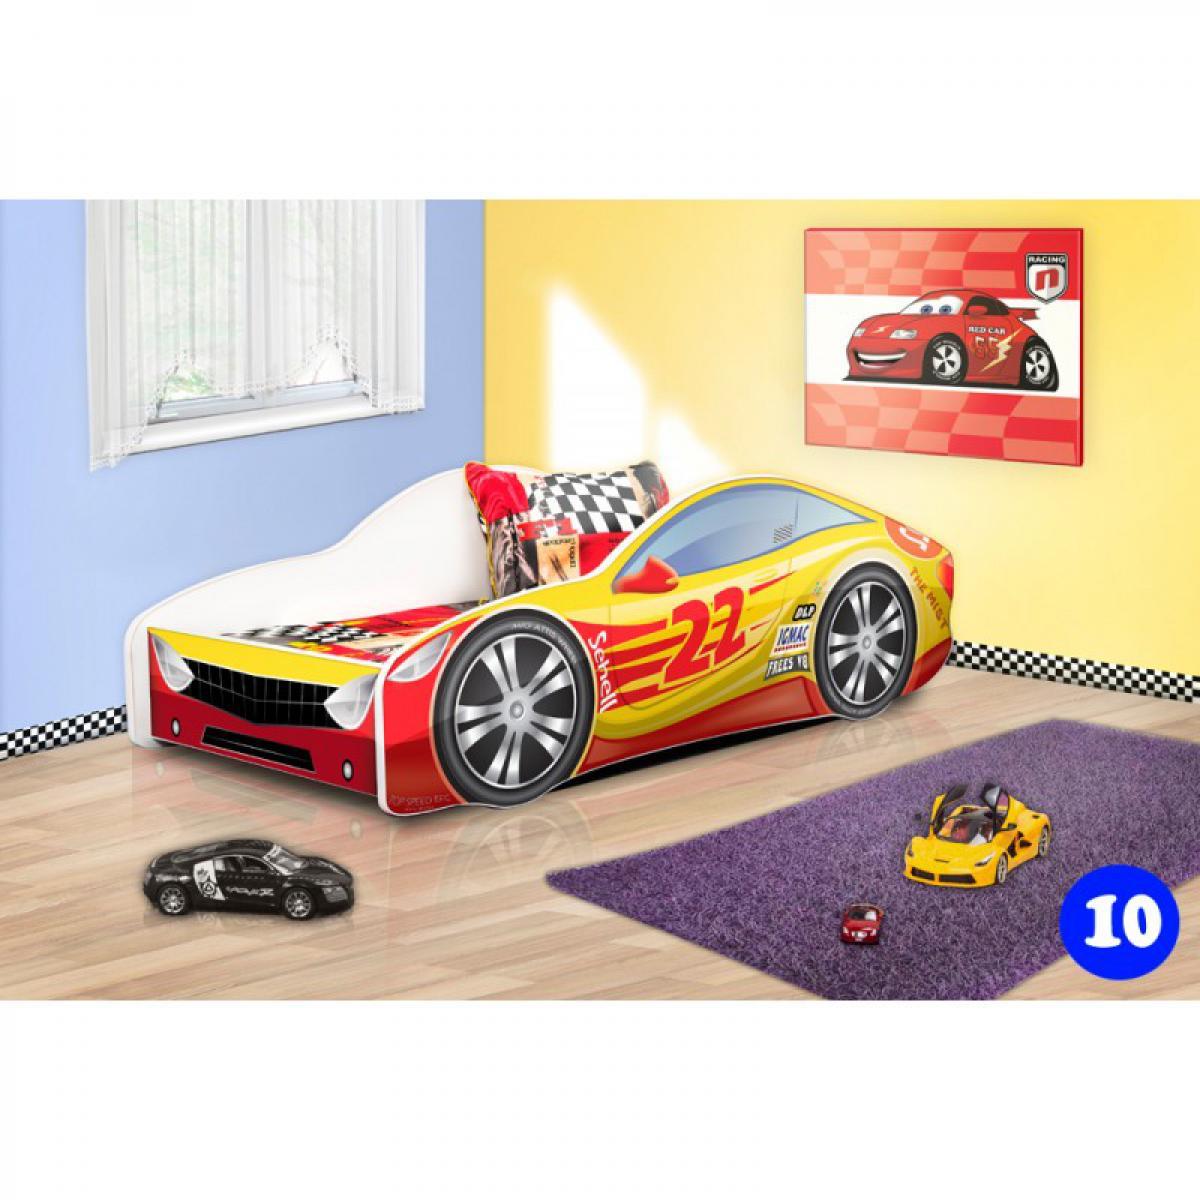 Bim Furniture Lit Voiture Enfant 180x80 cm Rouge et Jaune 22 avec sommier et matelas